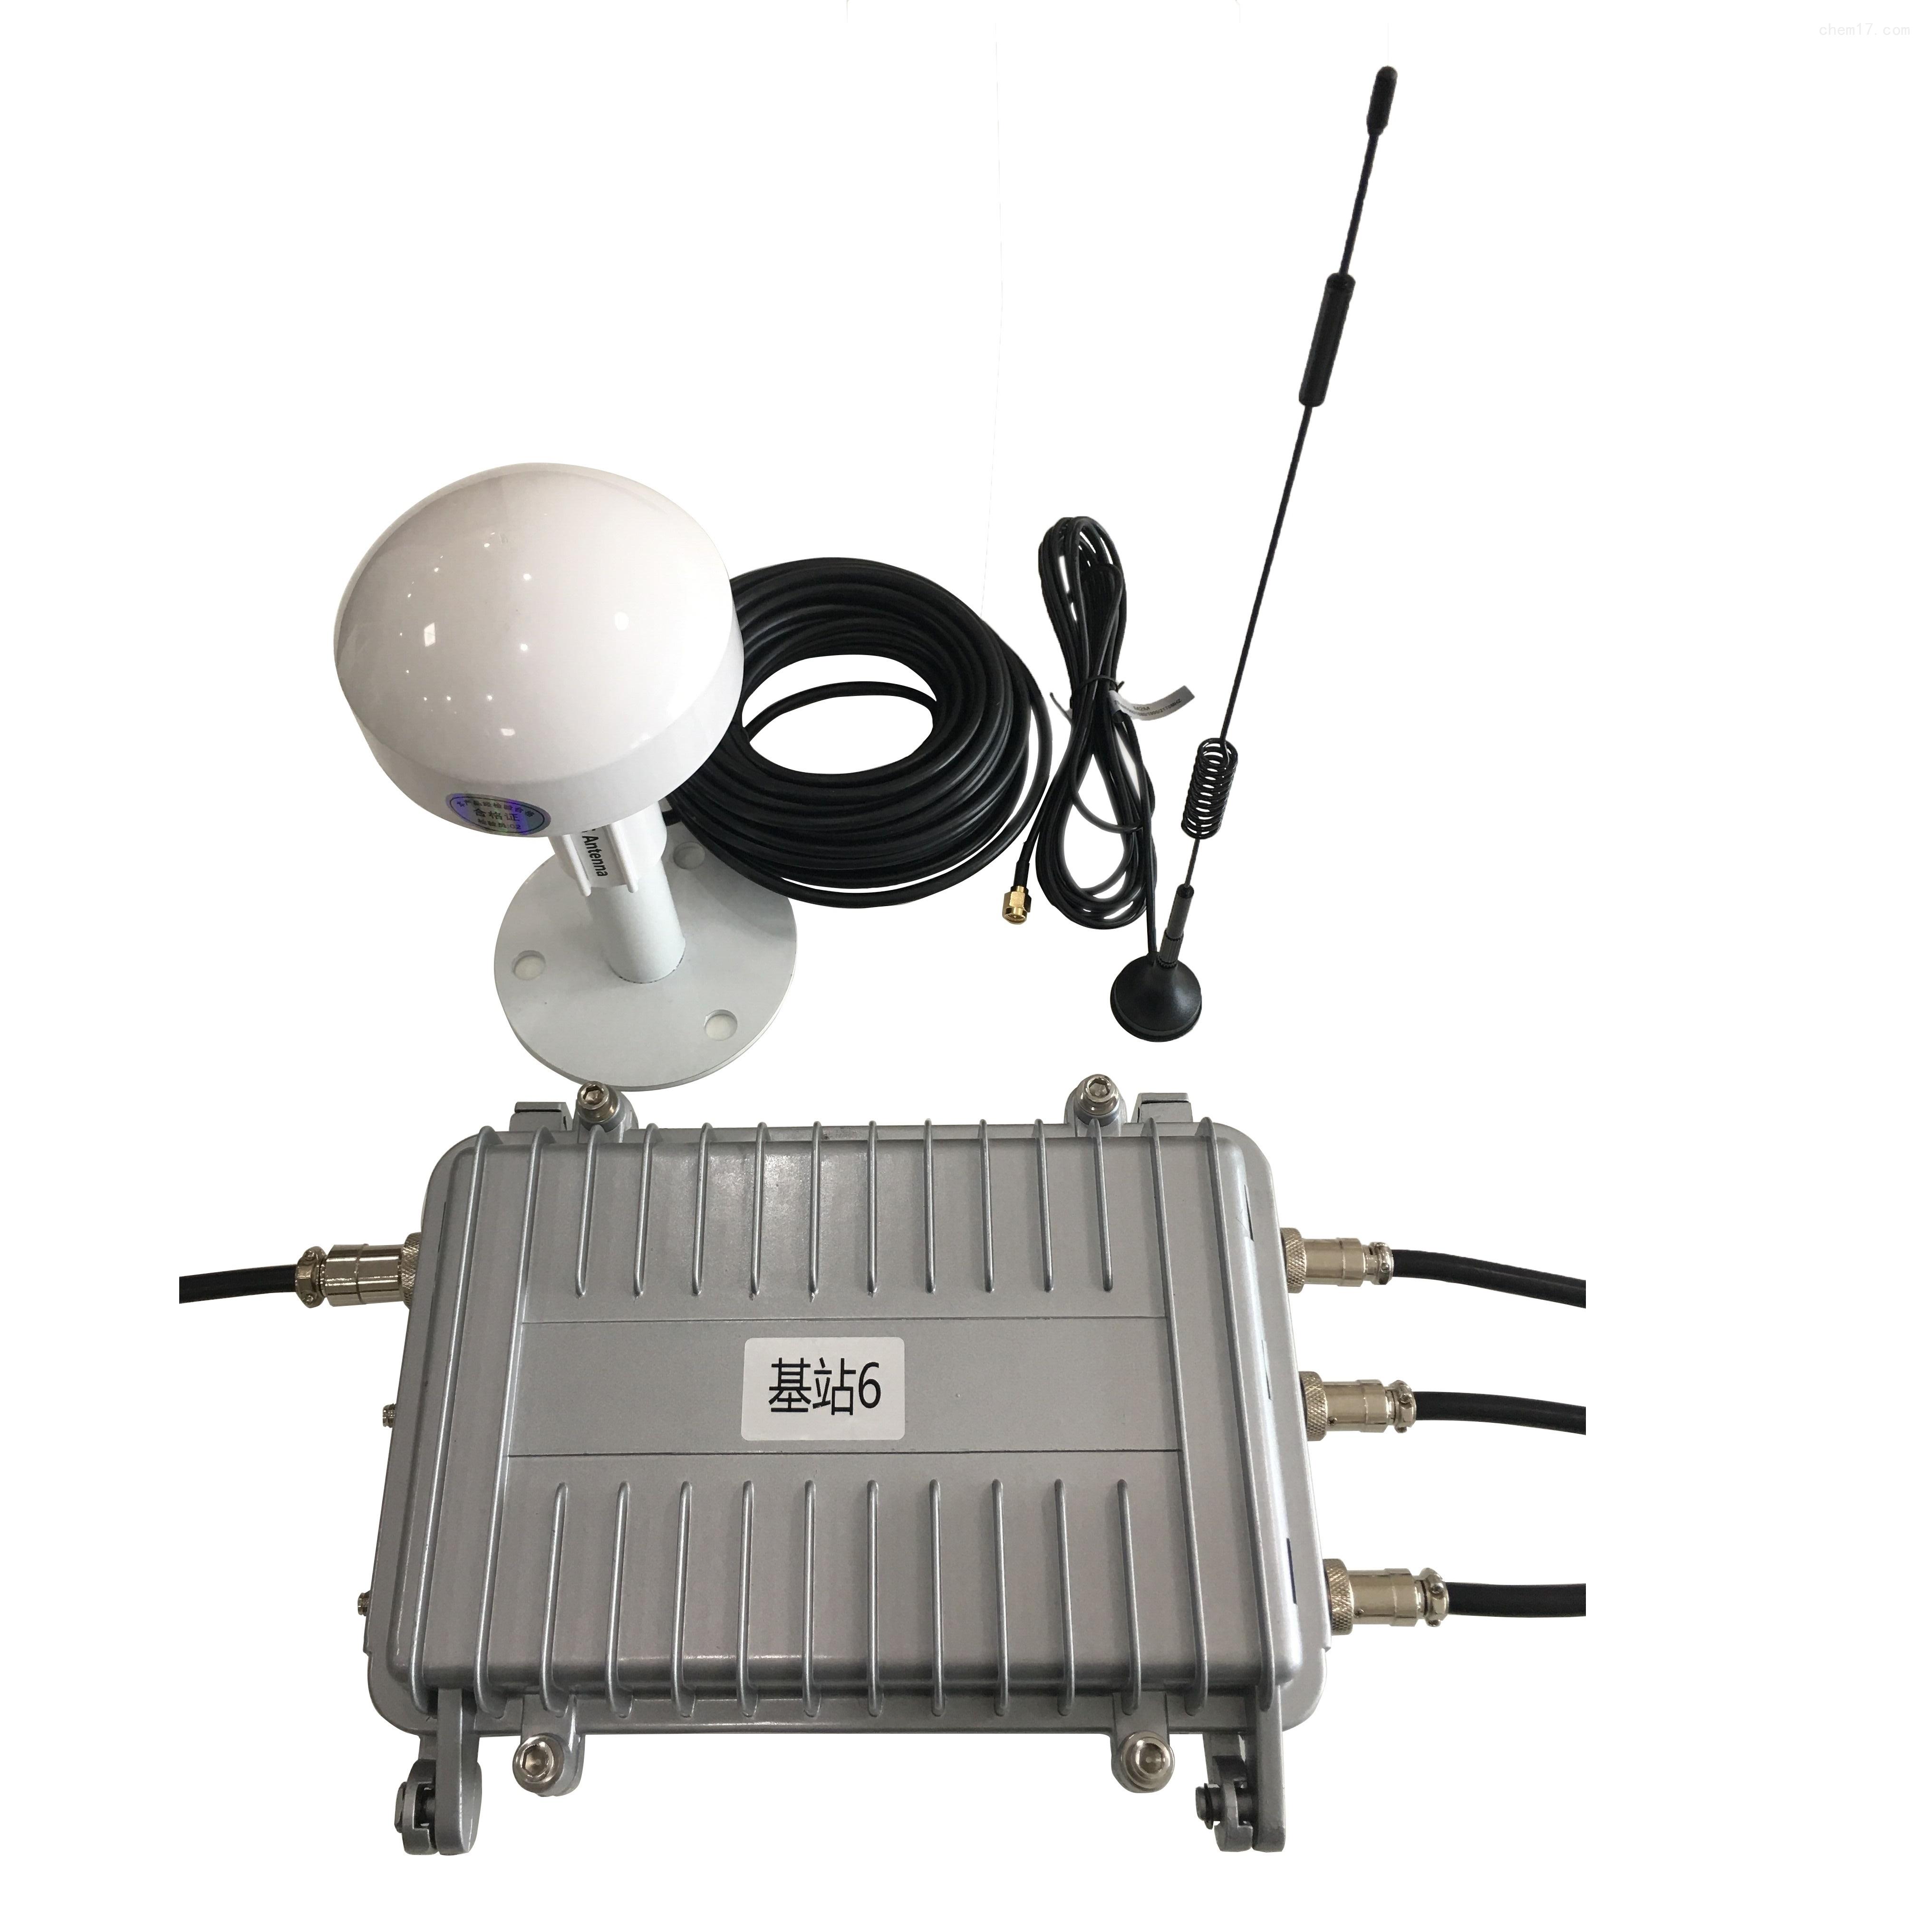 无线高压卫星授时远程网络基站